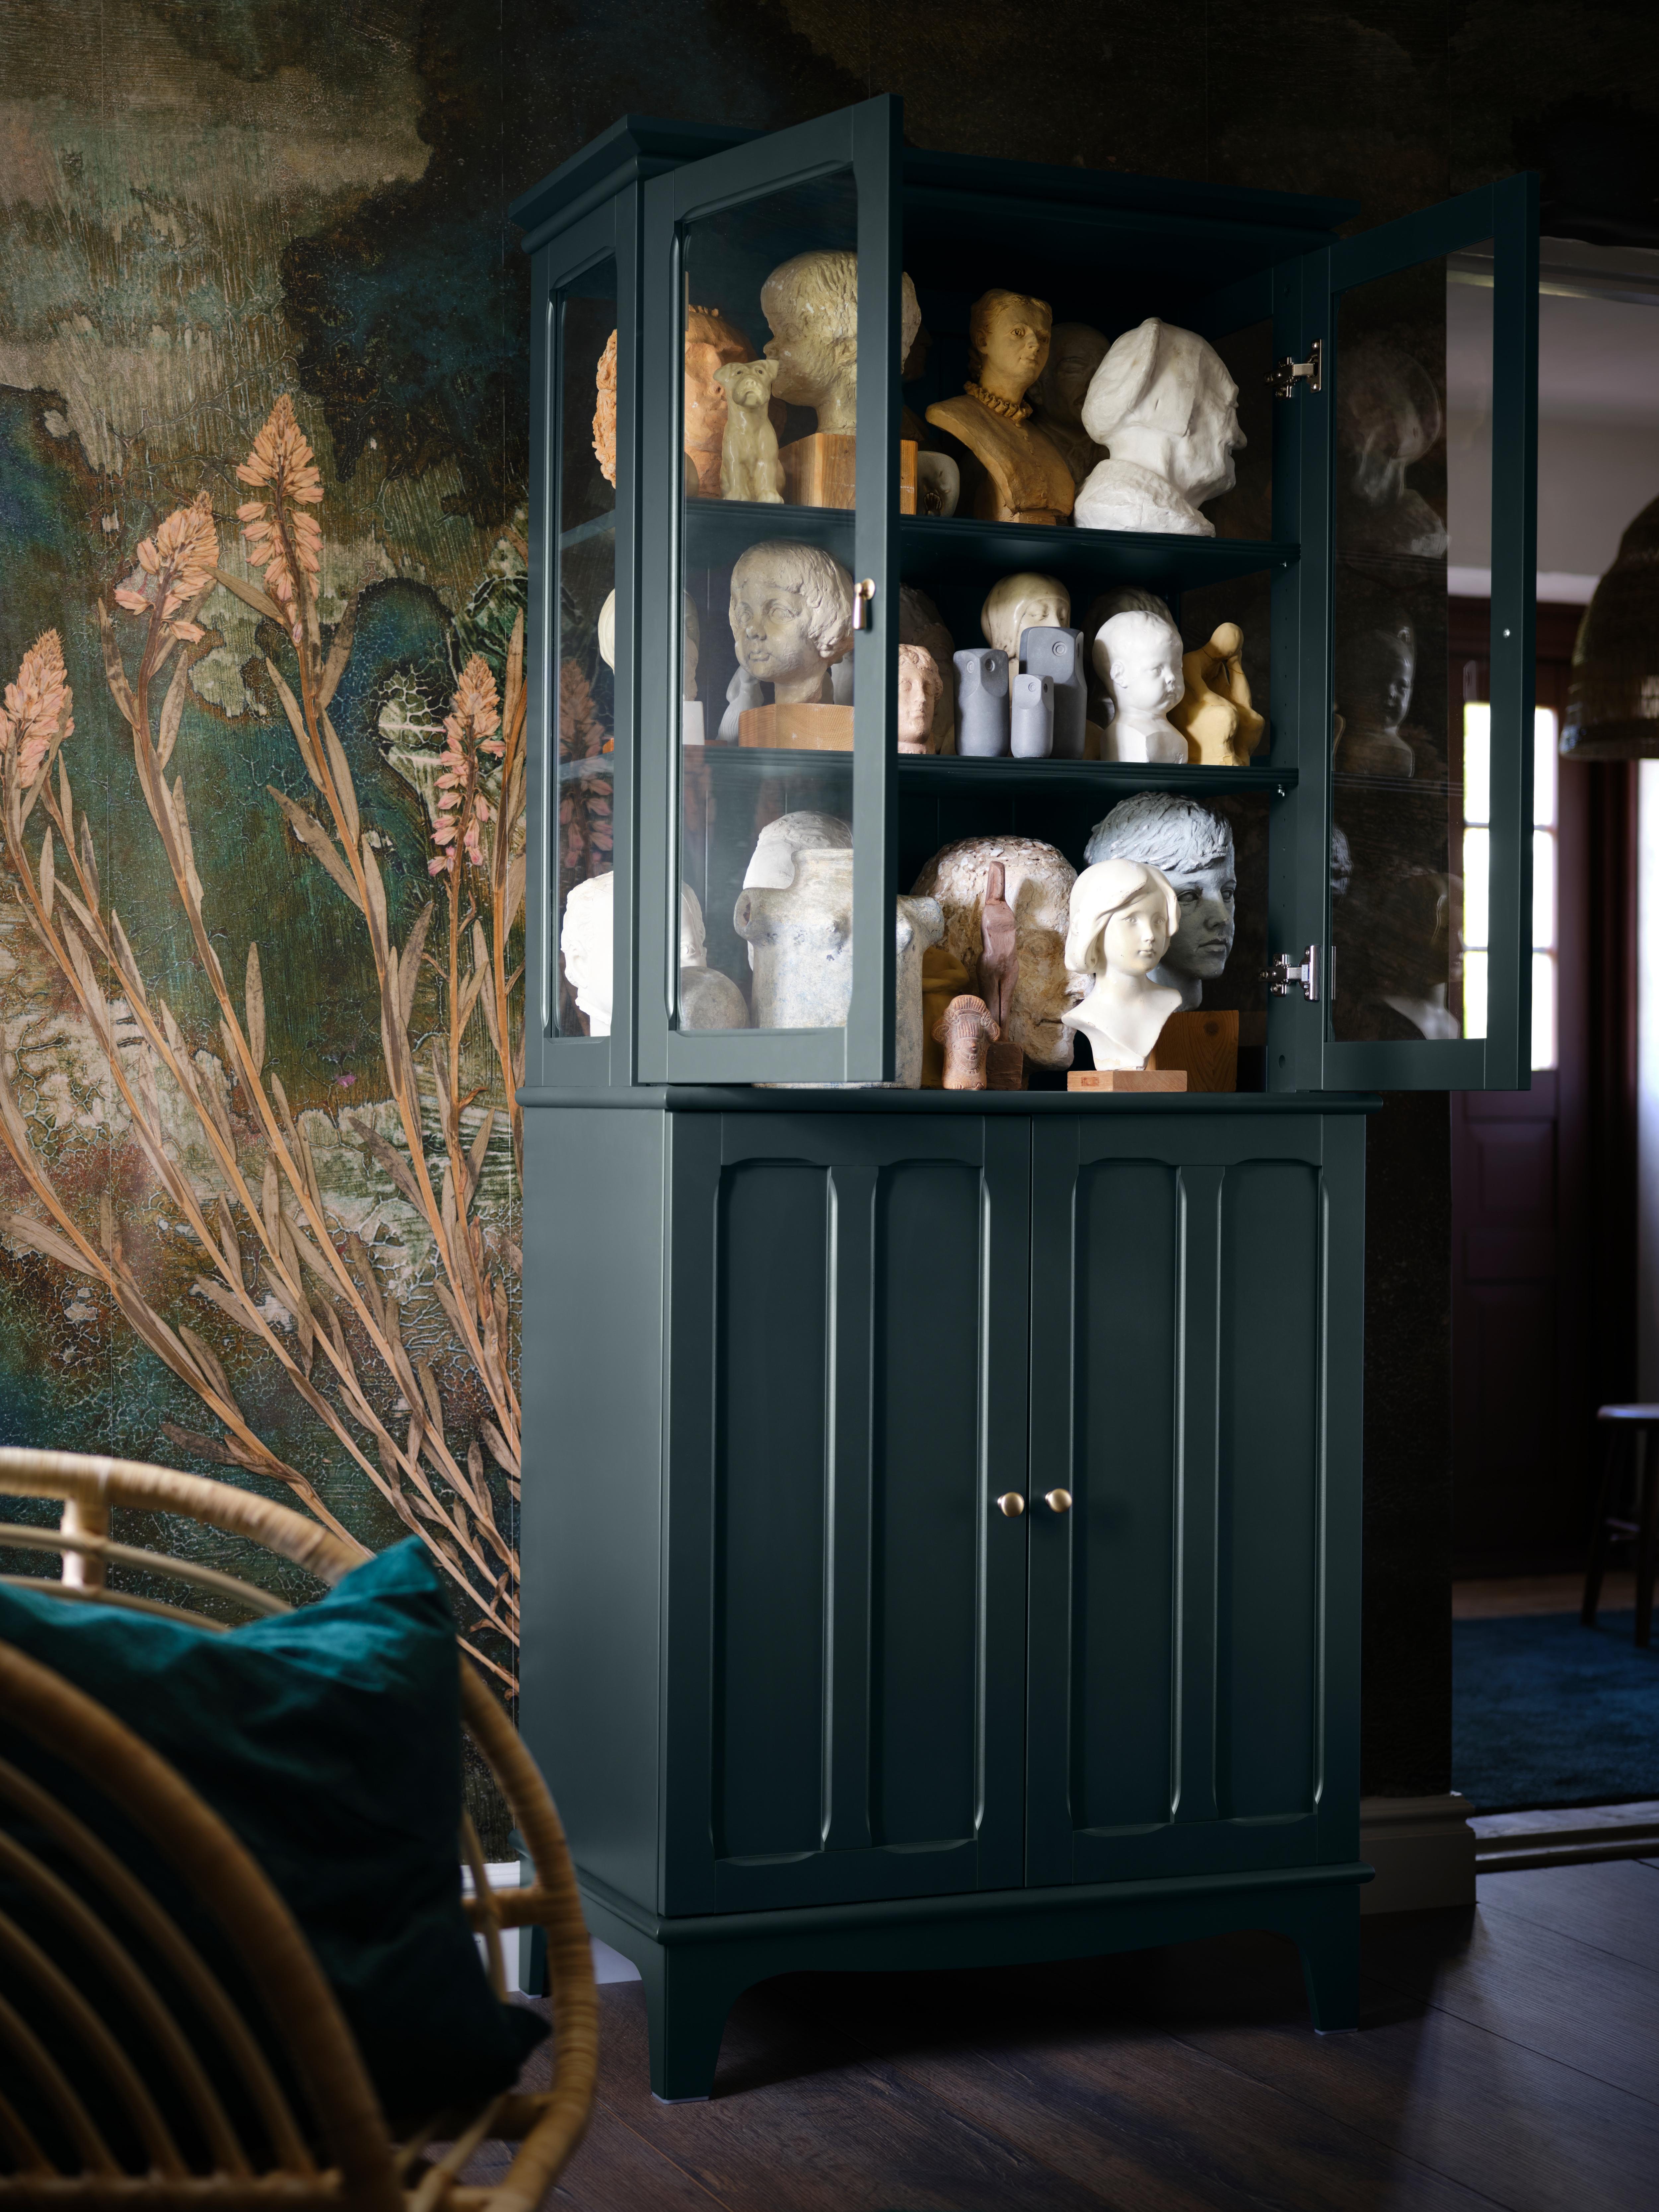 Armário LOMMARP com portas em vidro em verde azulado escuro, repleto de bustos em pedra e mármore e outras esculturas.